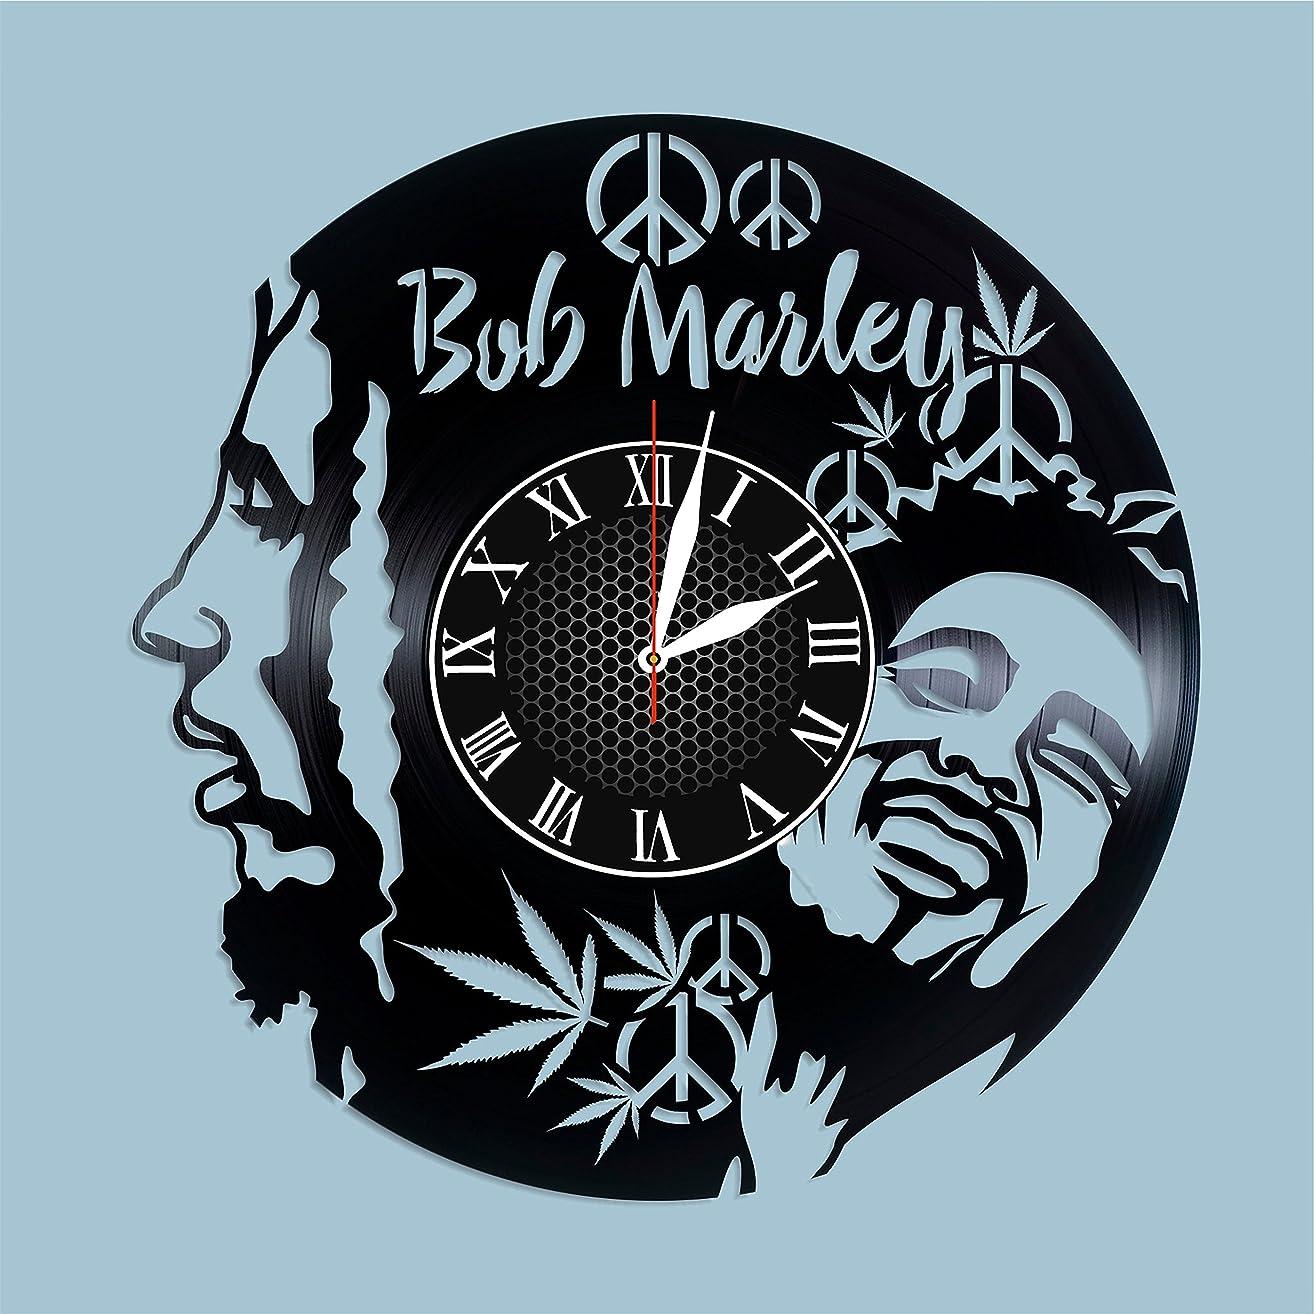 Bob Marley vinyl clock Bob Marley wall poster Bob Marley art Bob Marley decor songs Bob Marley nursery decor Bob Marley best fan gift idea